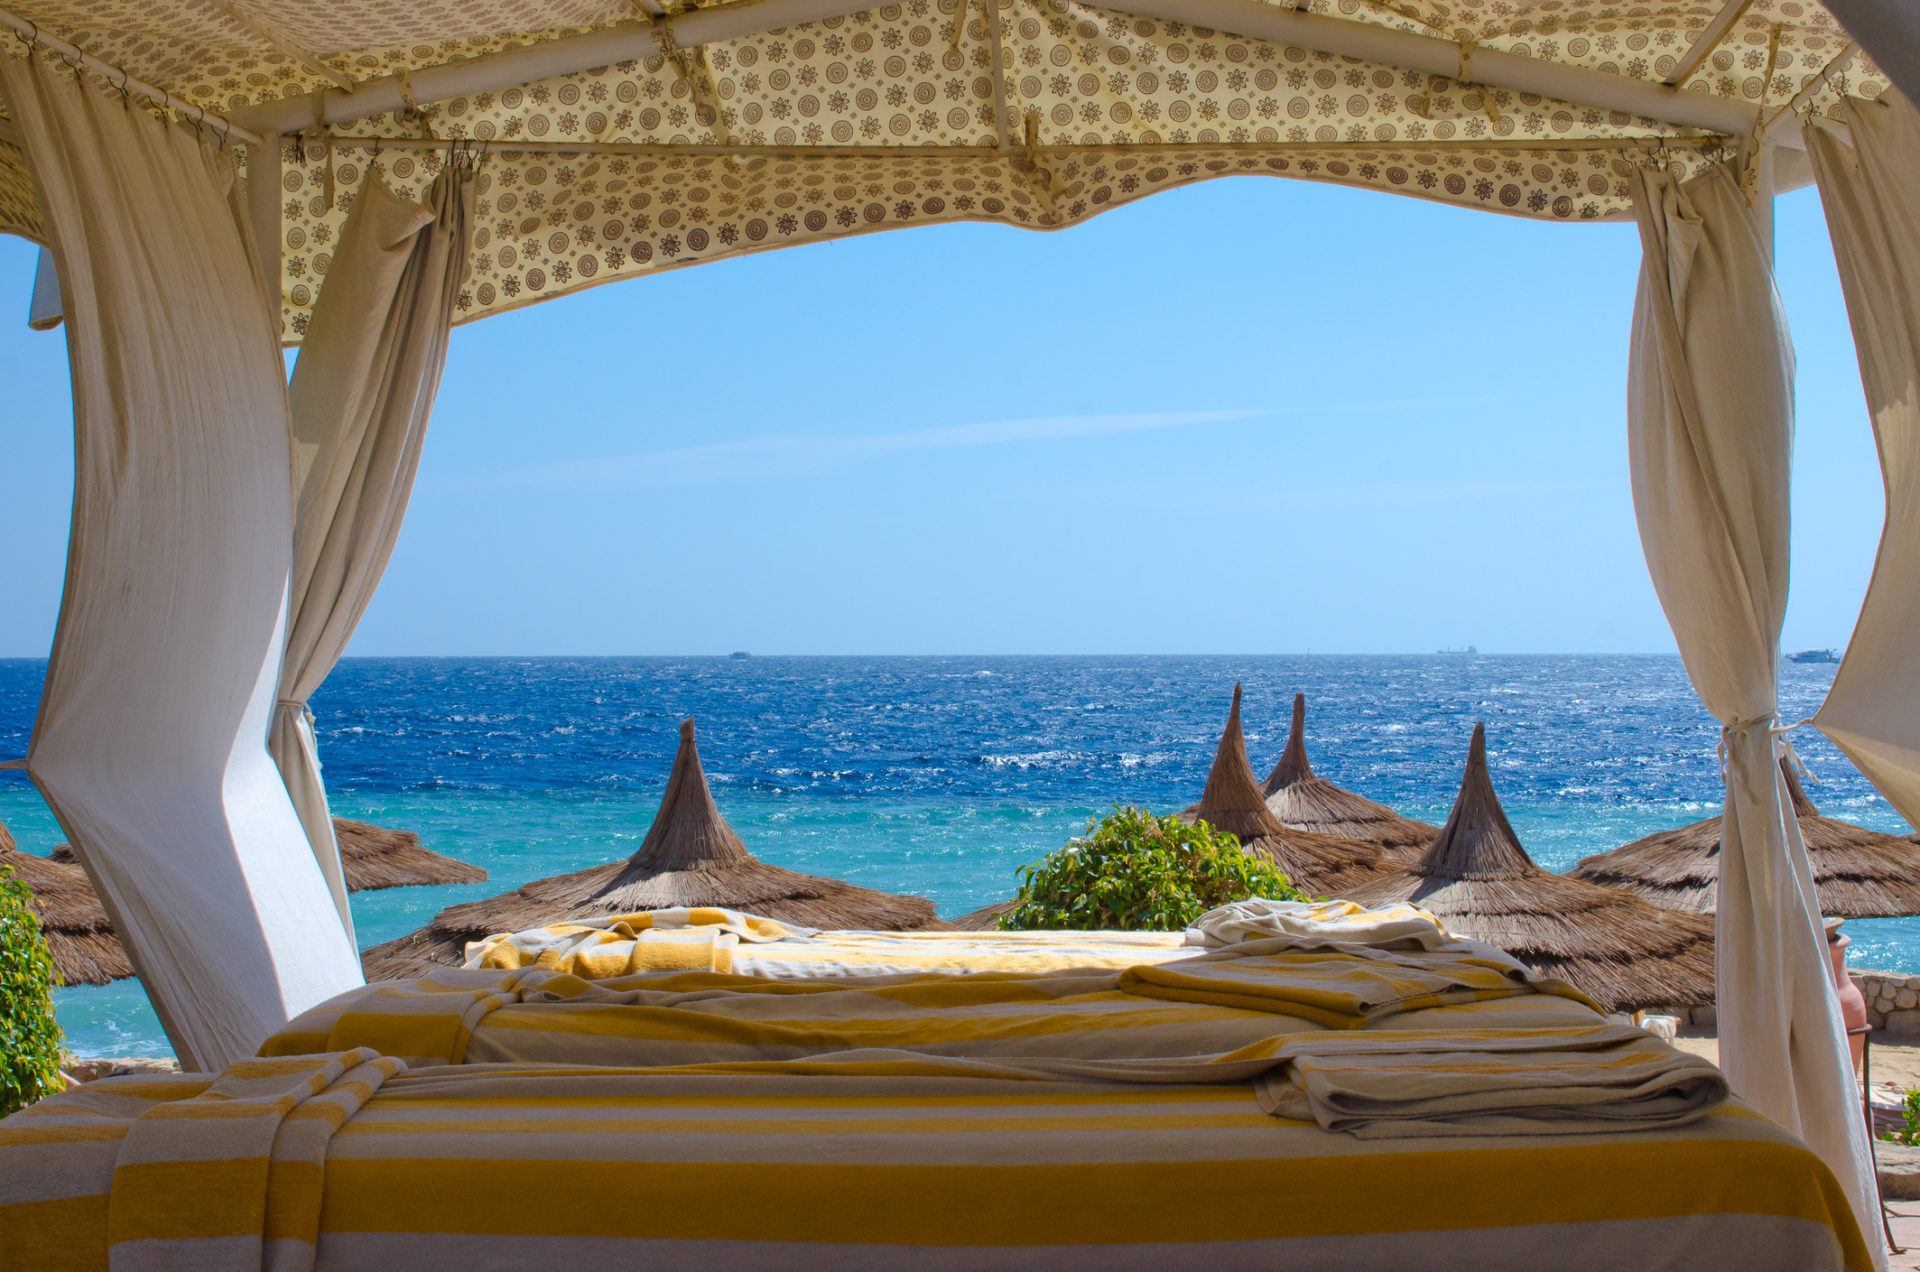 Spa area on beach at Sharm El Sheikh